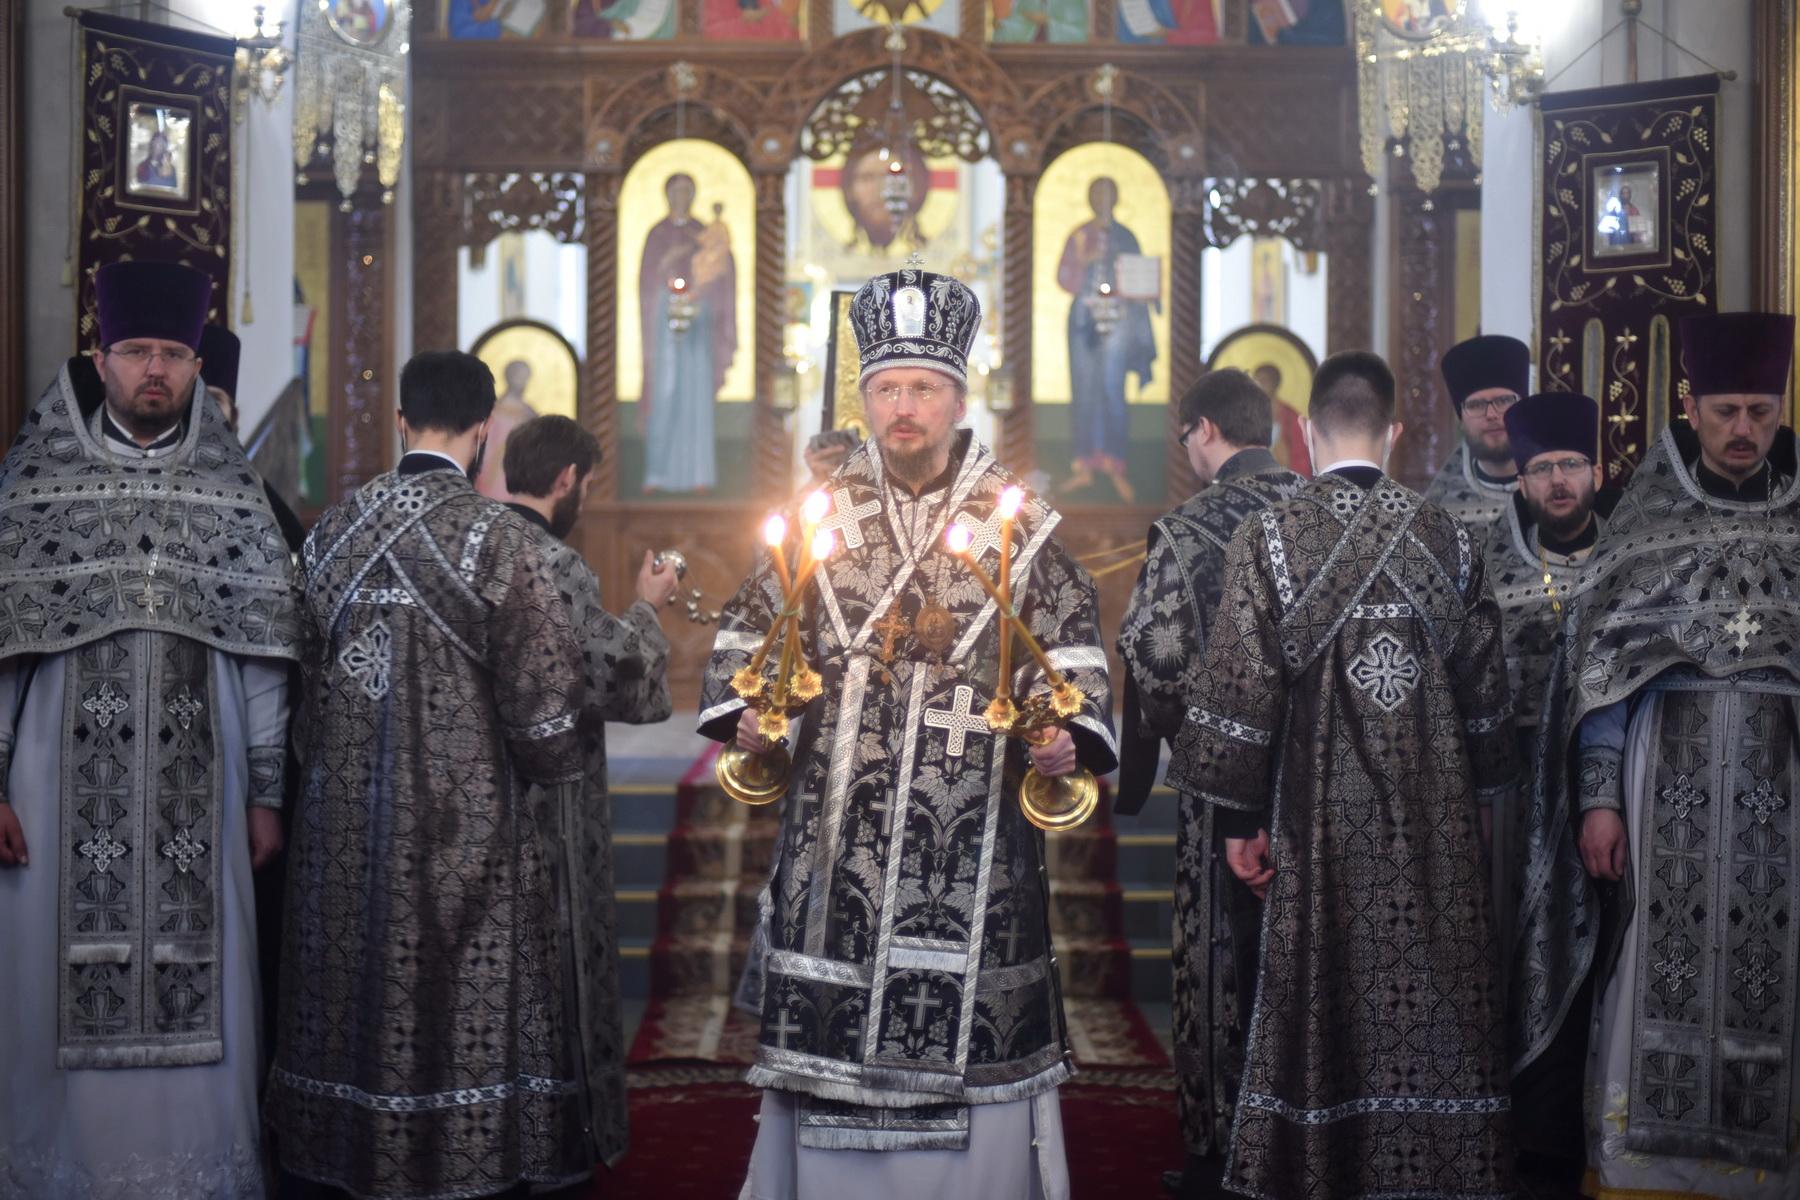 В Великую Среду Патриарший Экзарх совершил Литургию Преждеосвященных Даров в кафедральном соборе Воскресения Христова г. Борисова